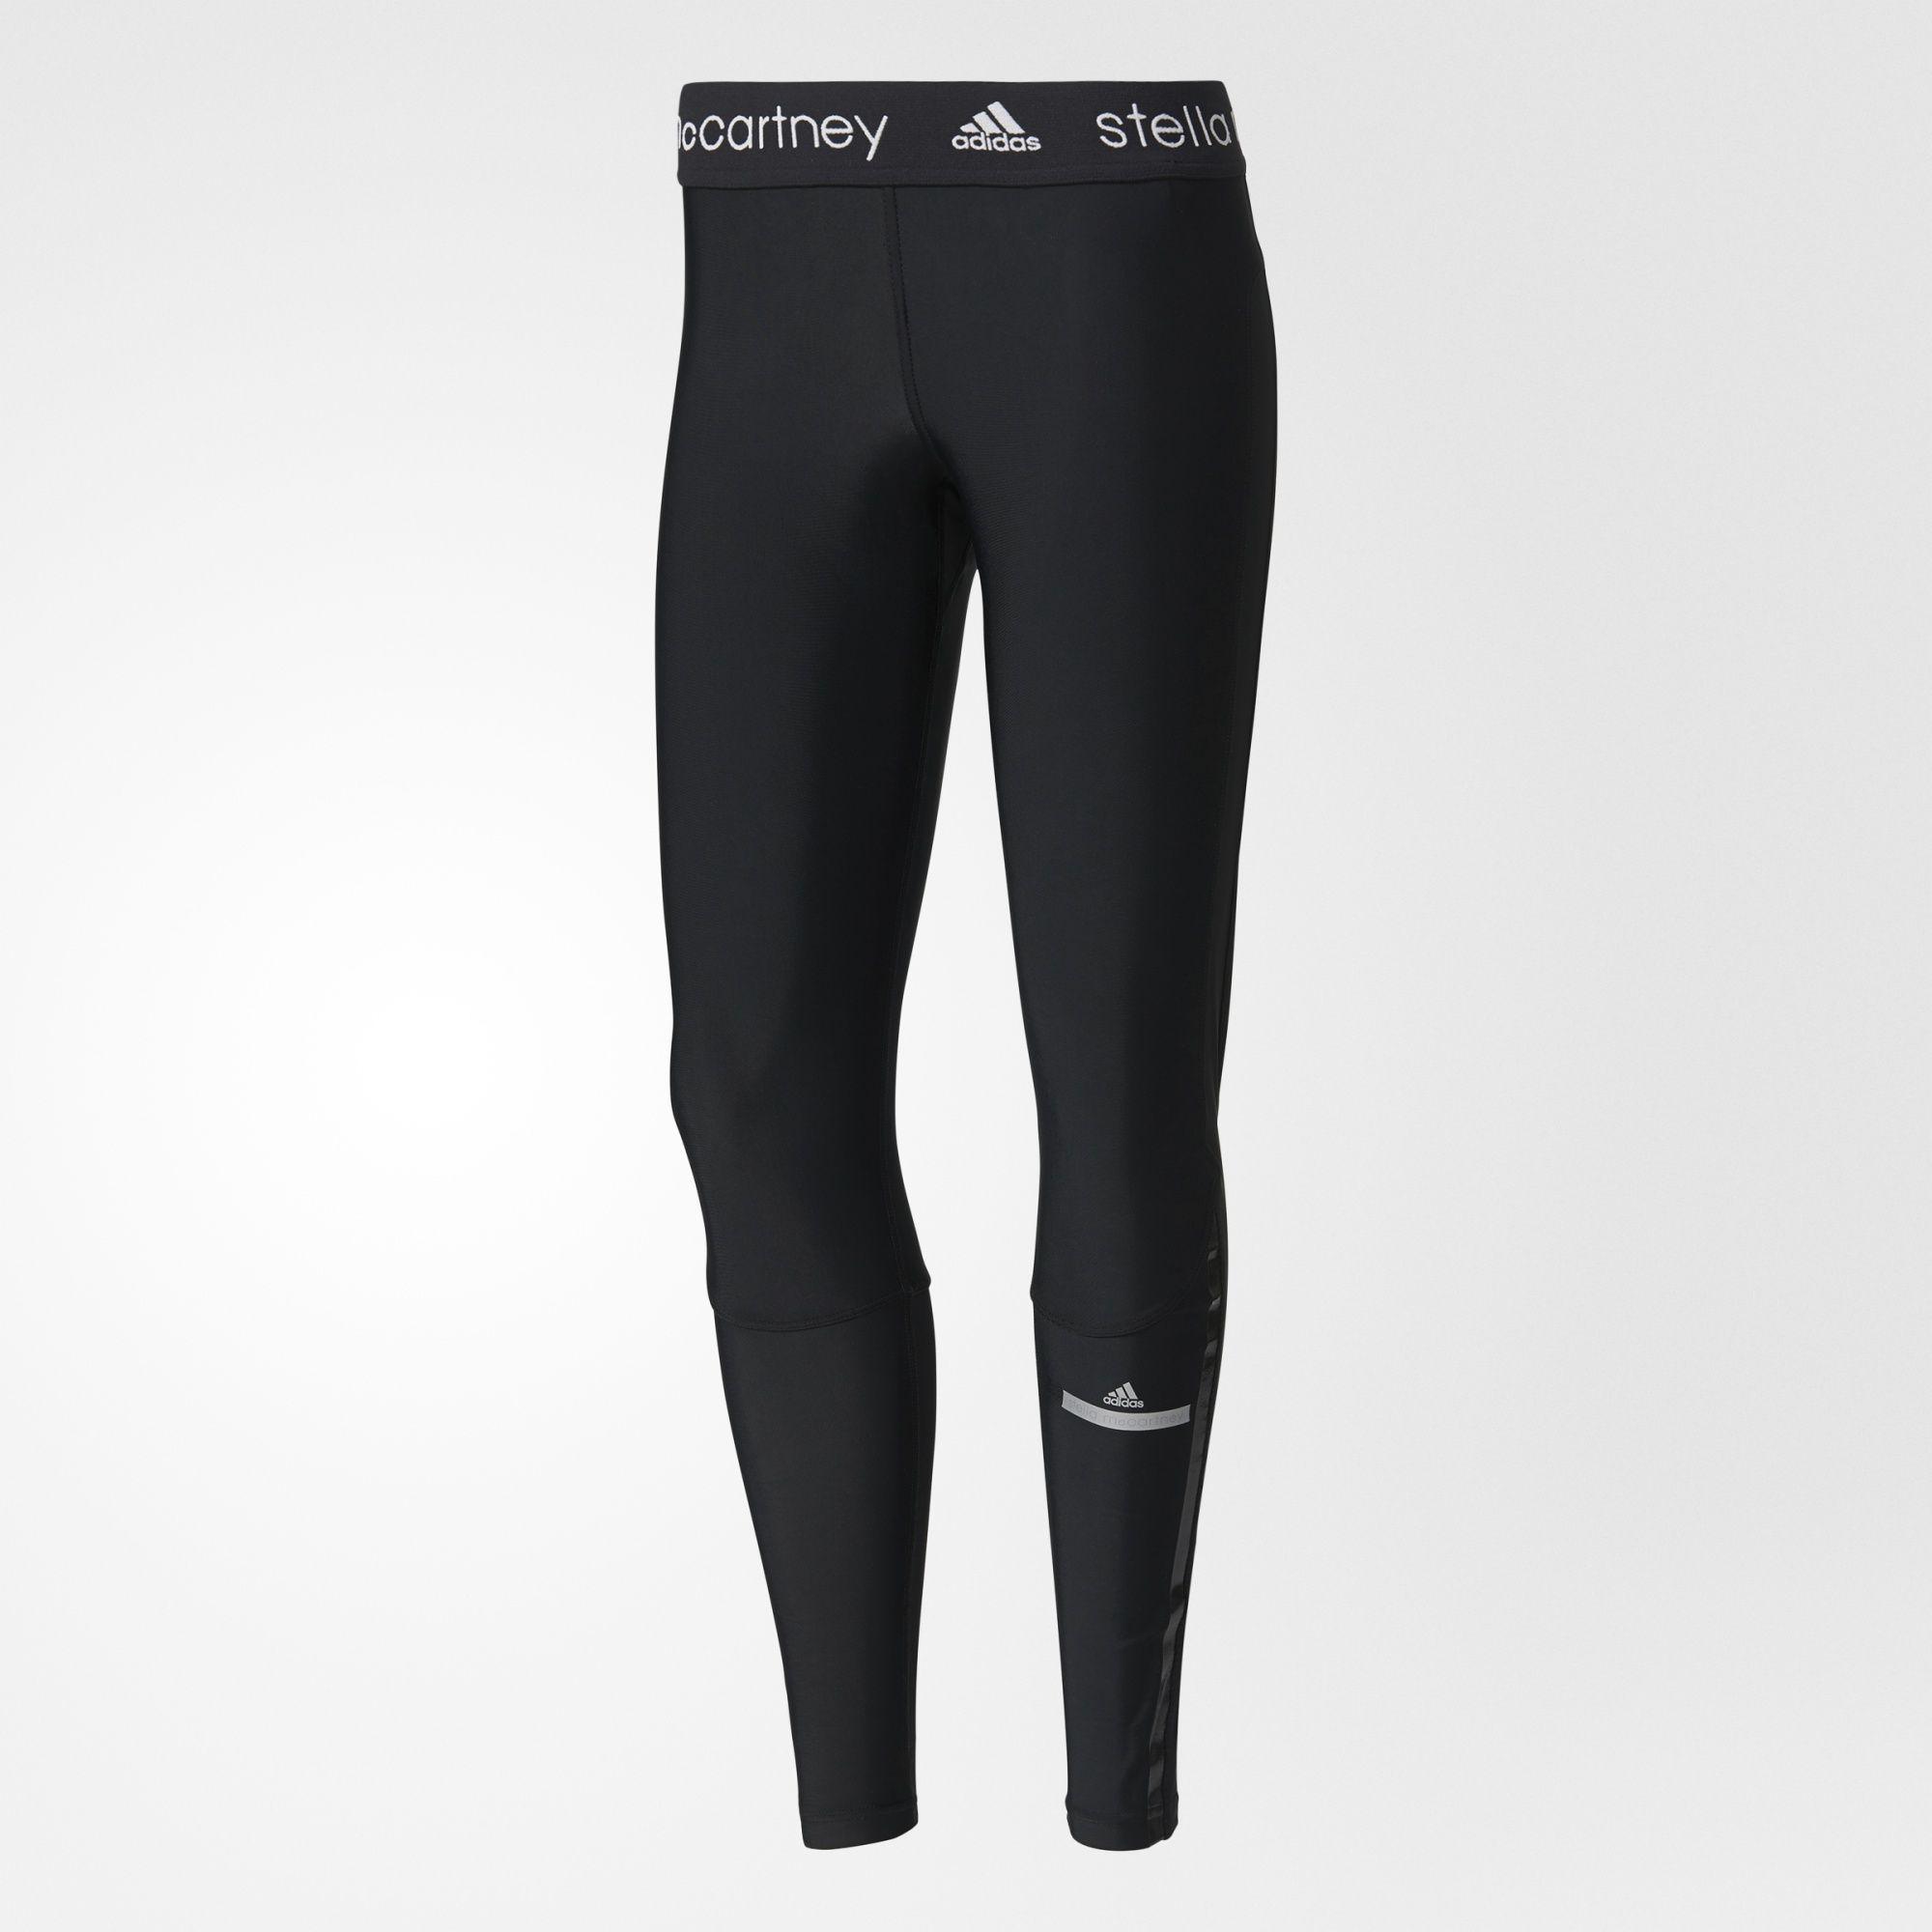 adidas stella mccartney run tights ec793fb9a7876